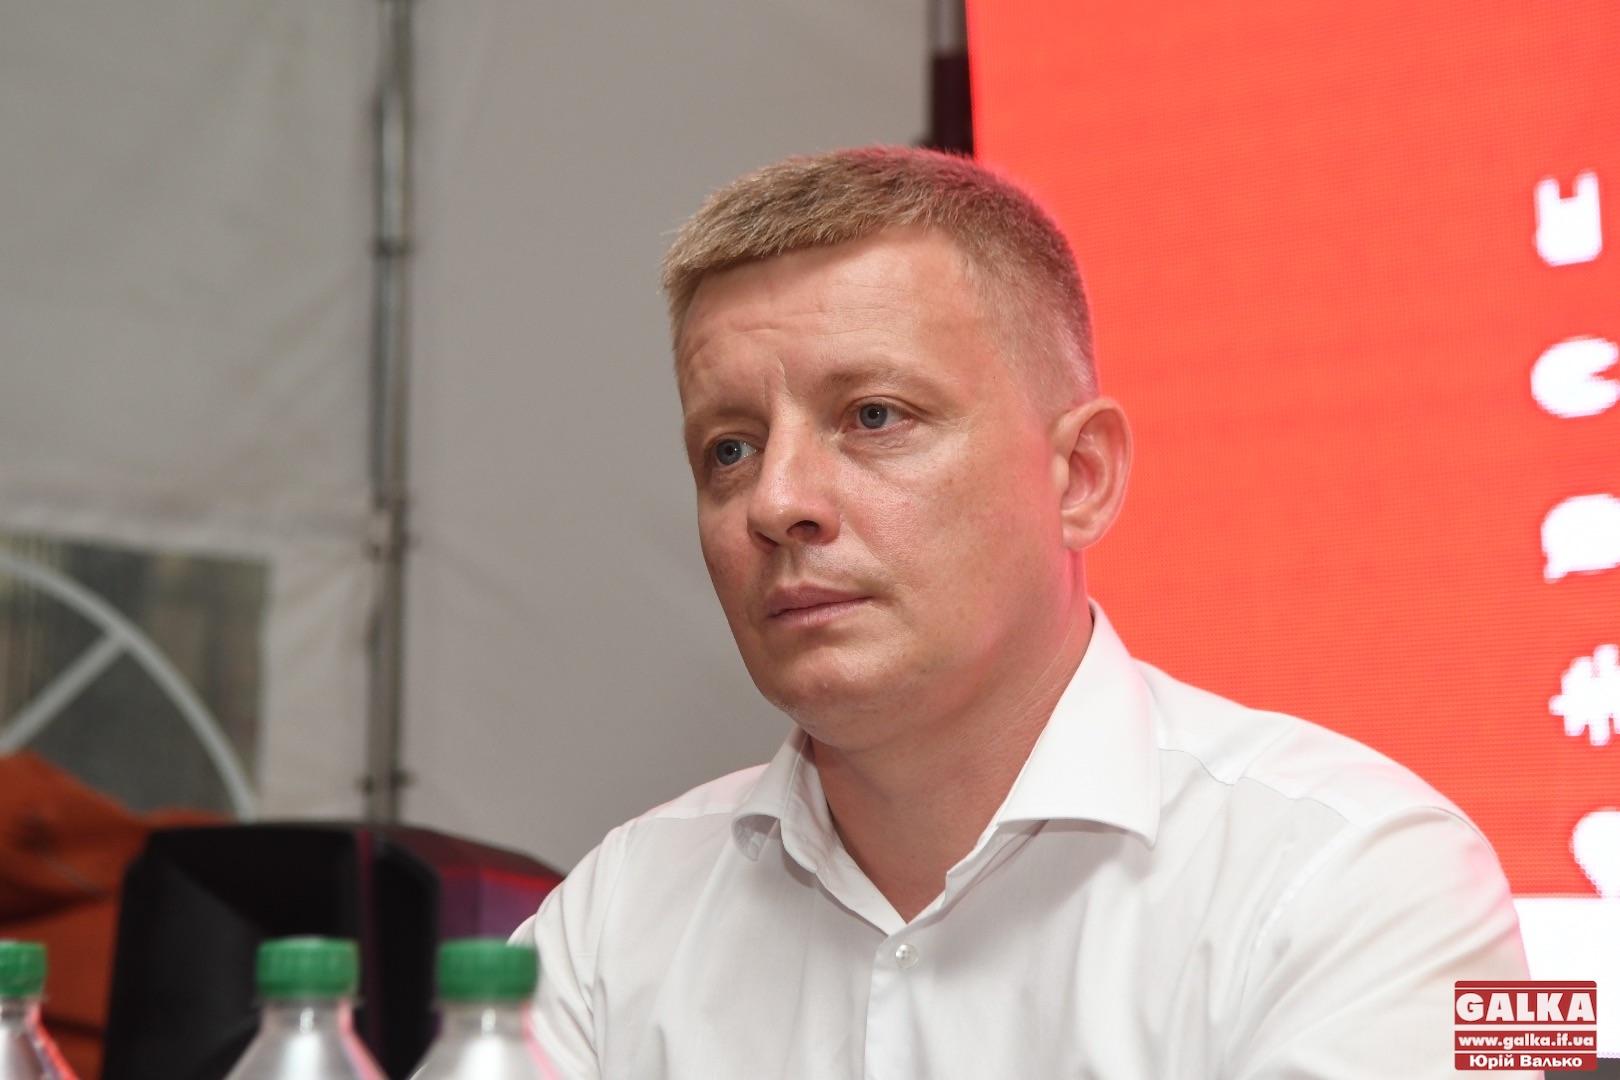 """Рудик сказала, що я голосував не так, як треба, – голова обласного """"Голосу"""" Тищенко йде з партії, за ним пішли інші"""